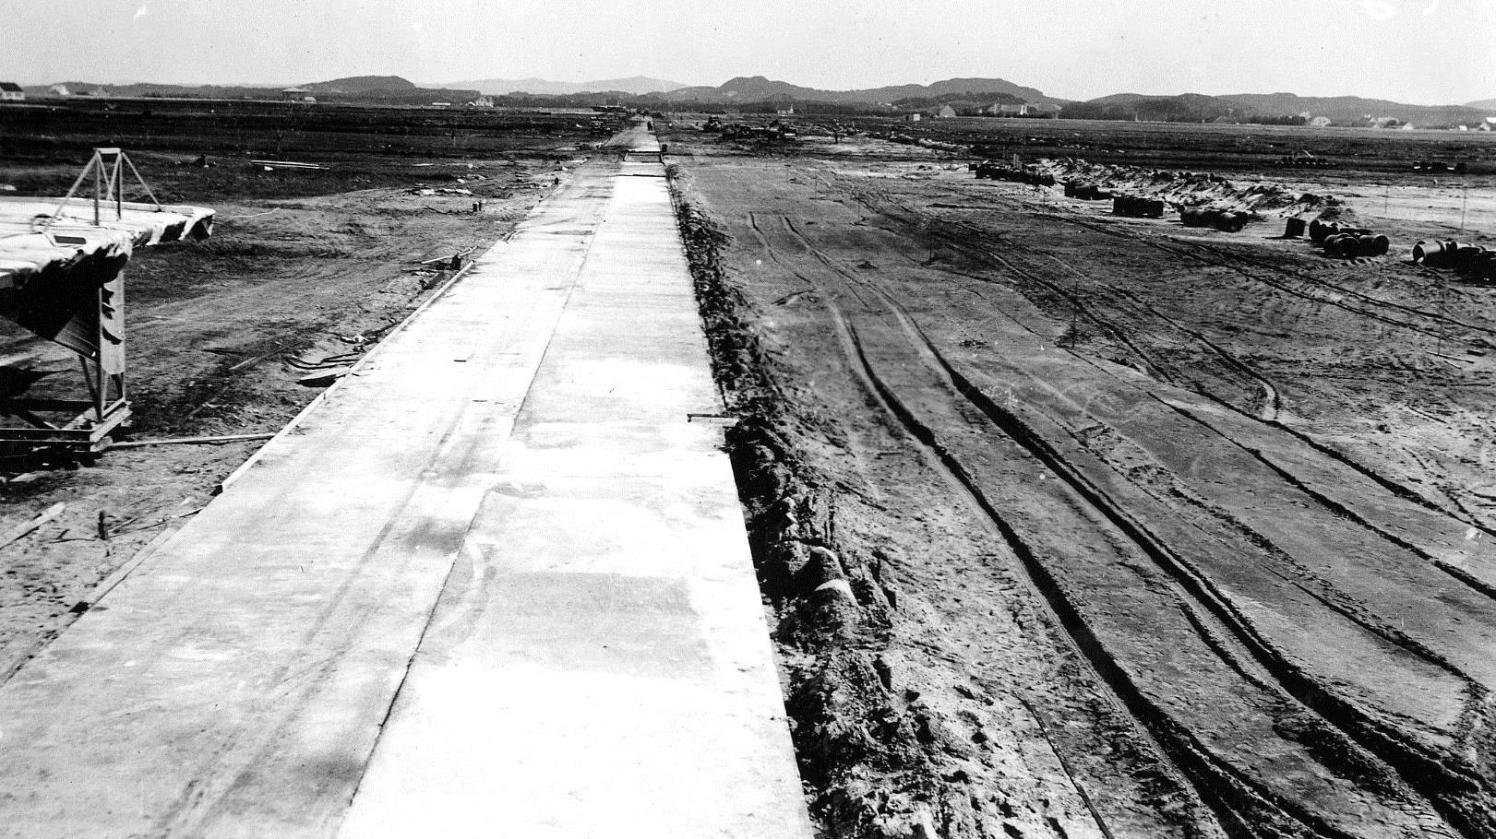 Bane A, 2 striper betong